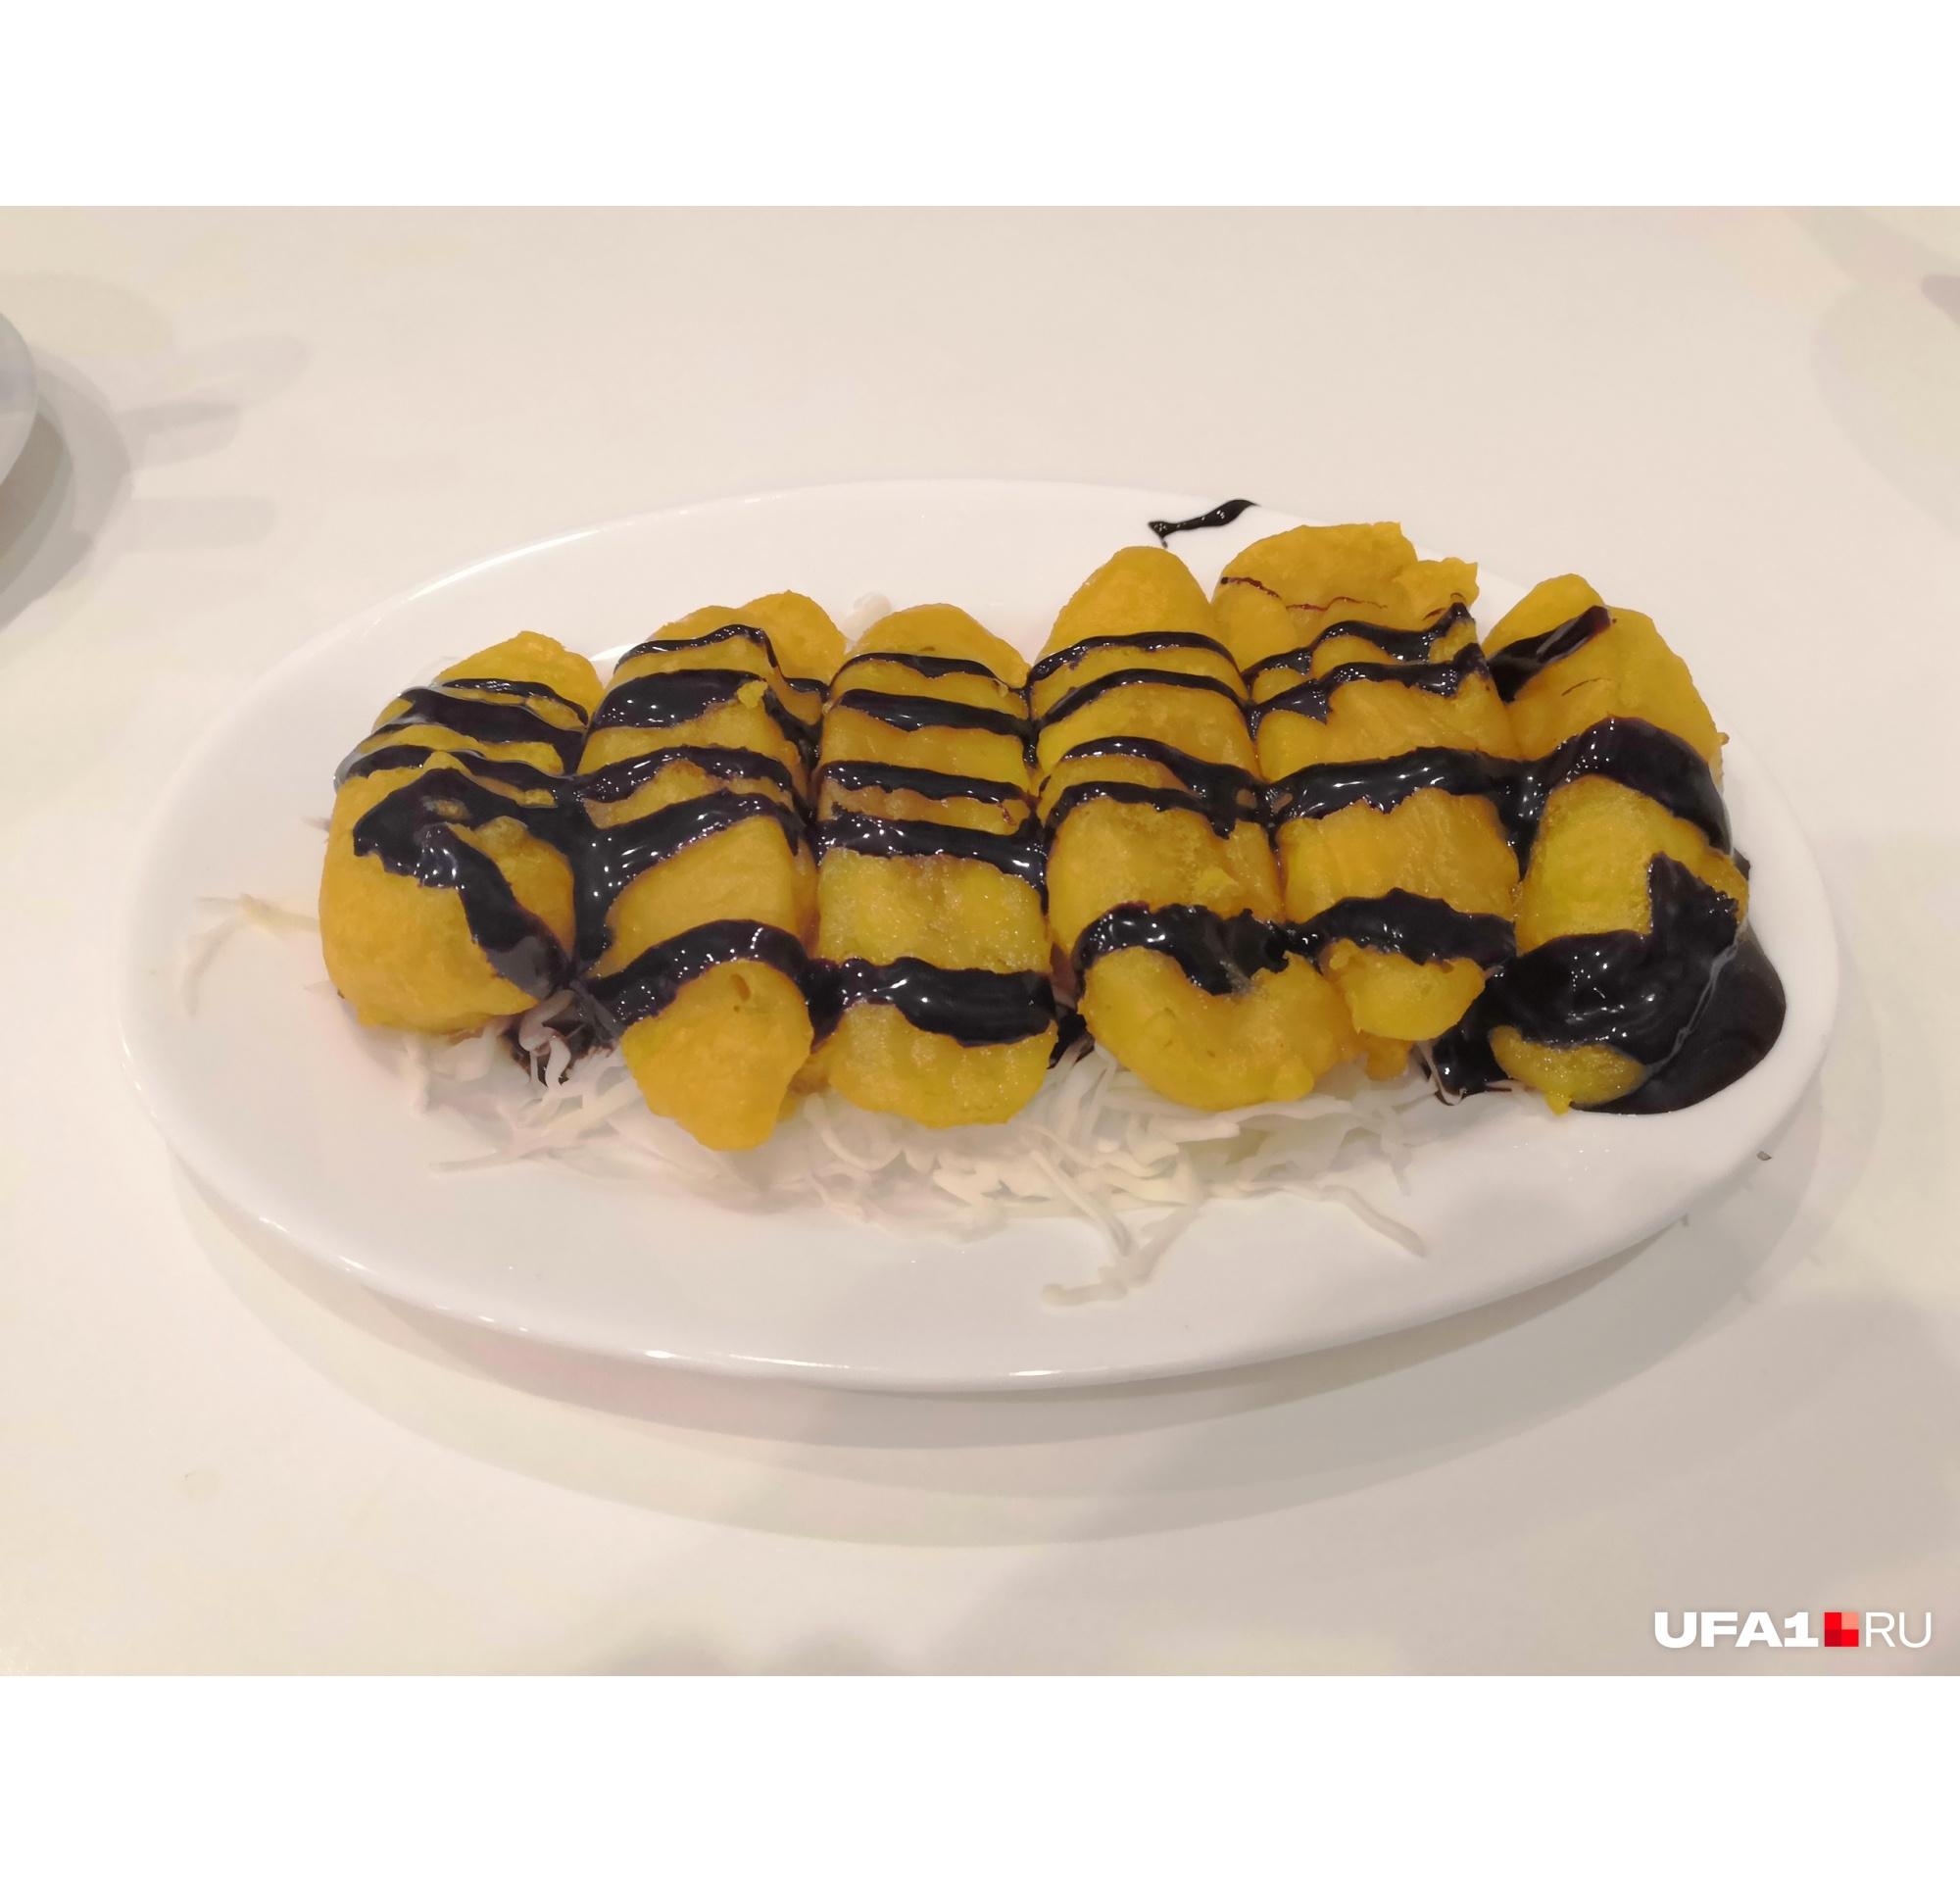 Удивила подача бананов — они покоились на листе капусты